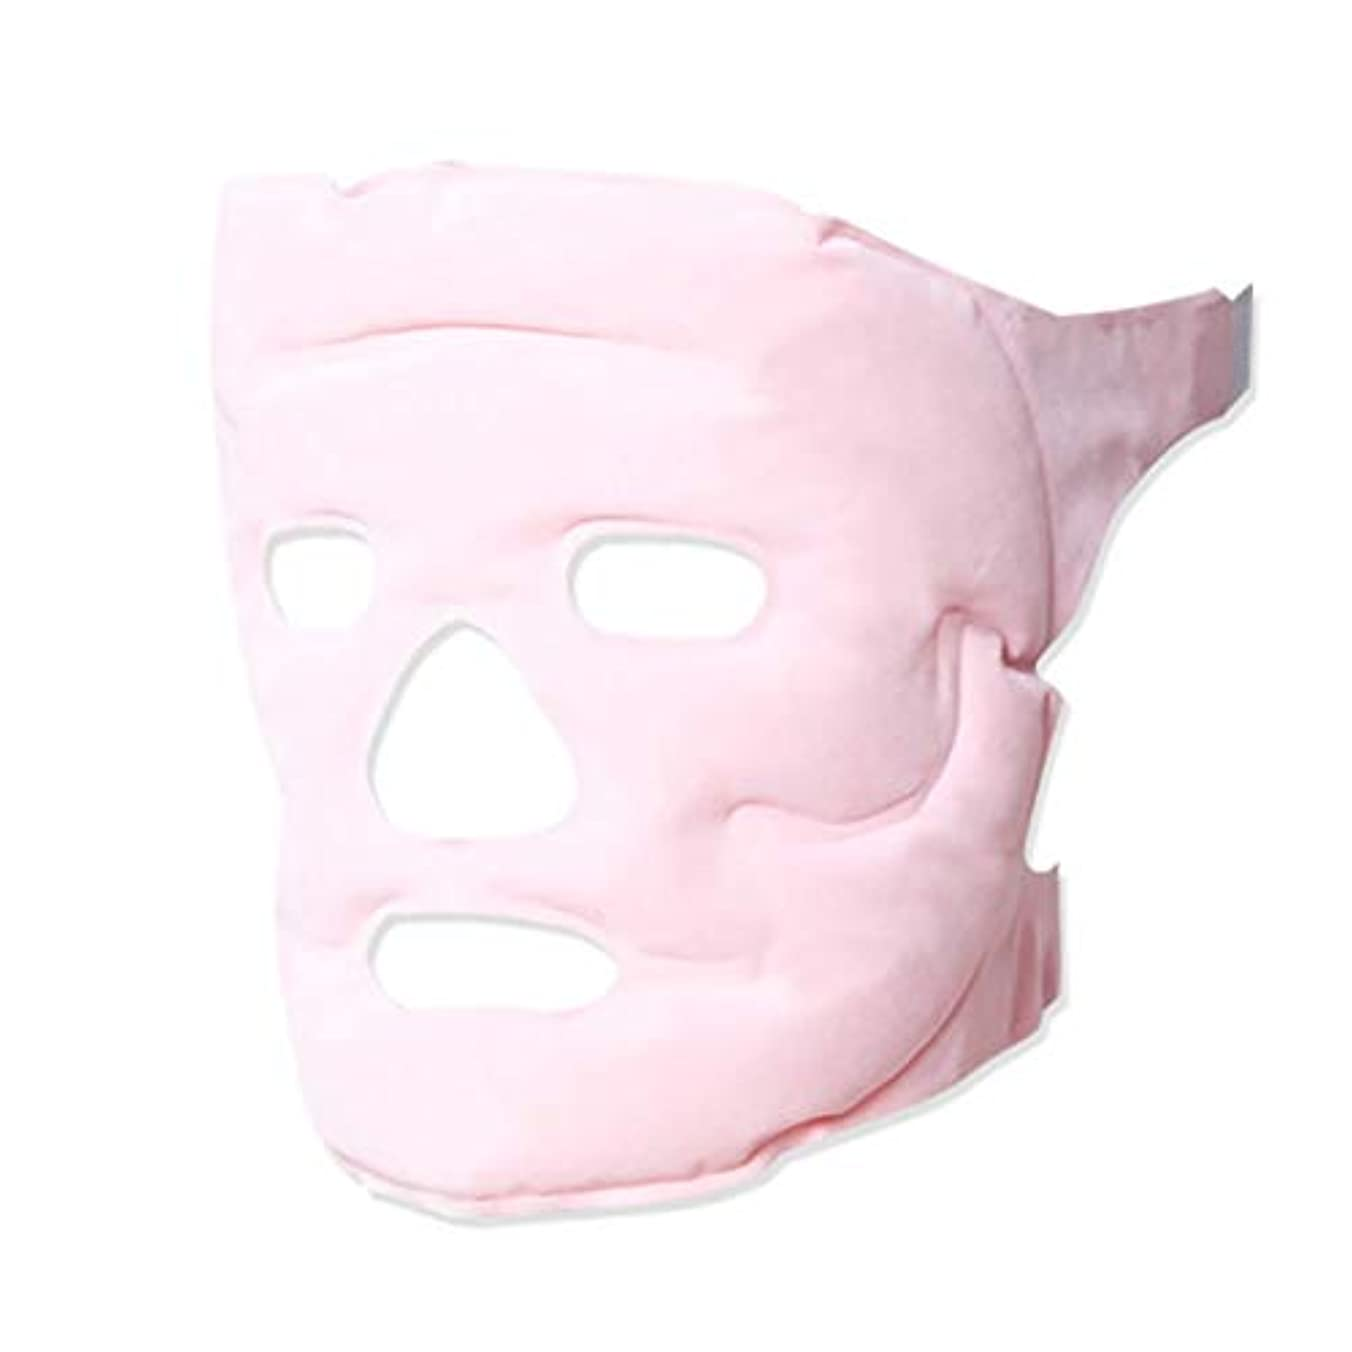 周囲ぞっとするようなどっちでもvフェイスマスク睡眠薄い顔で美容マスク磁気療法リフティングフェイシャル引き締め判決パターン包帯アーティファクトピンク